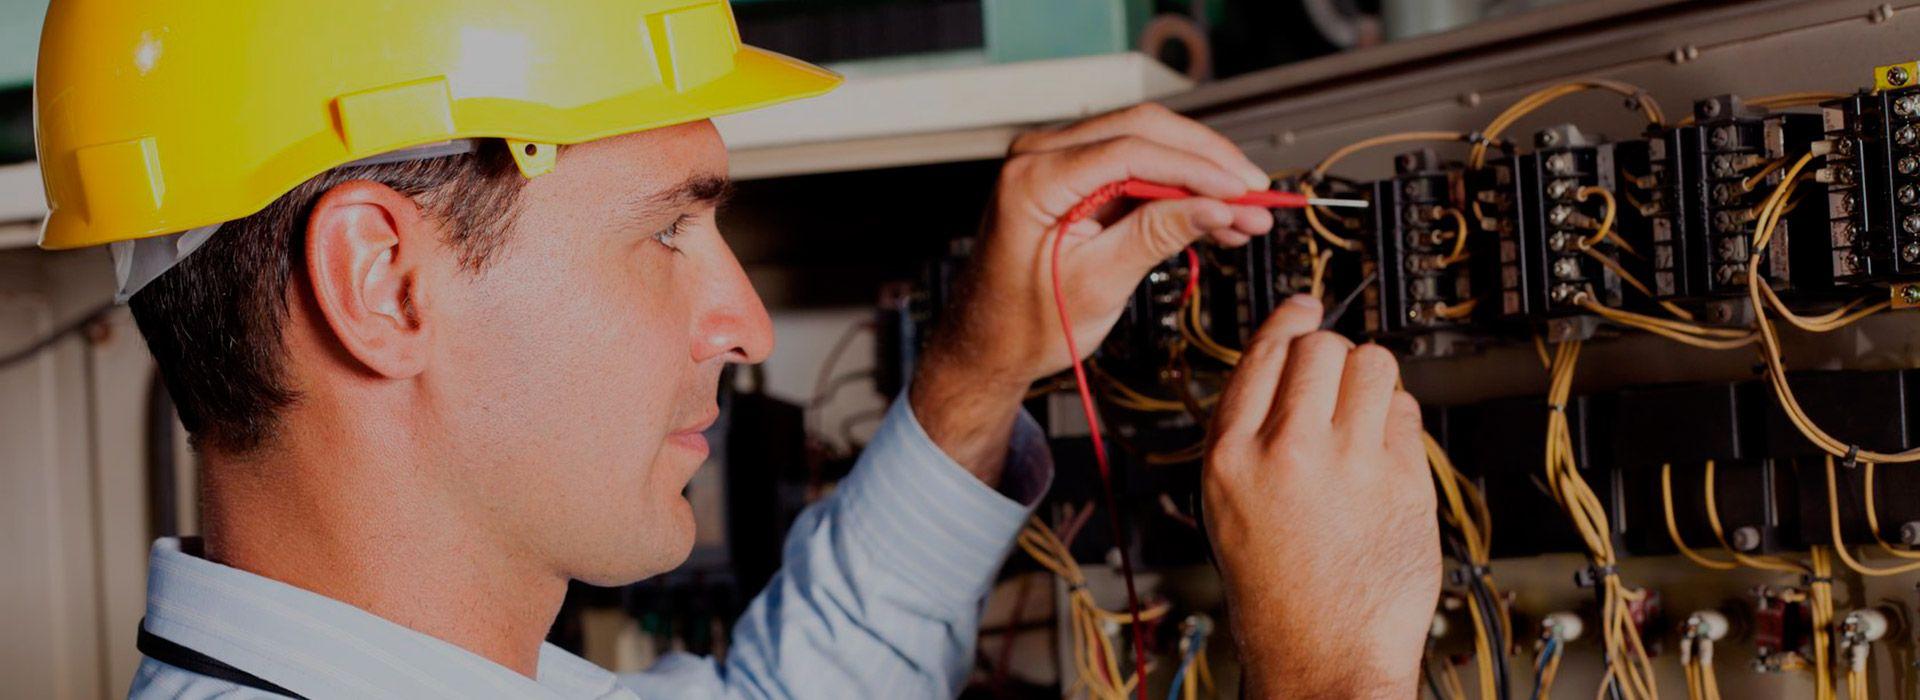 Mantenimiento de infraestructura y equipos electrónicos